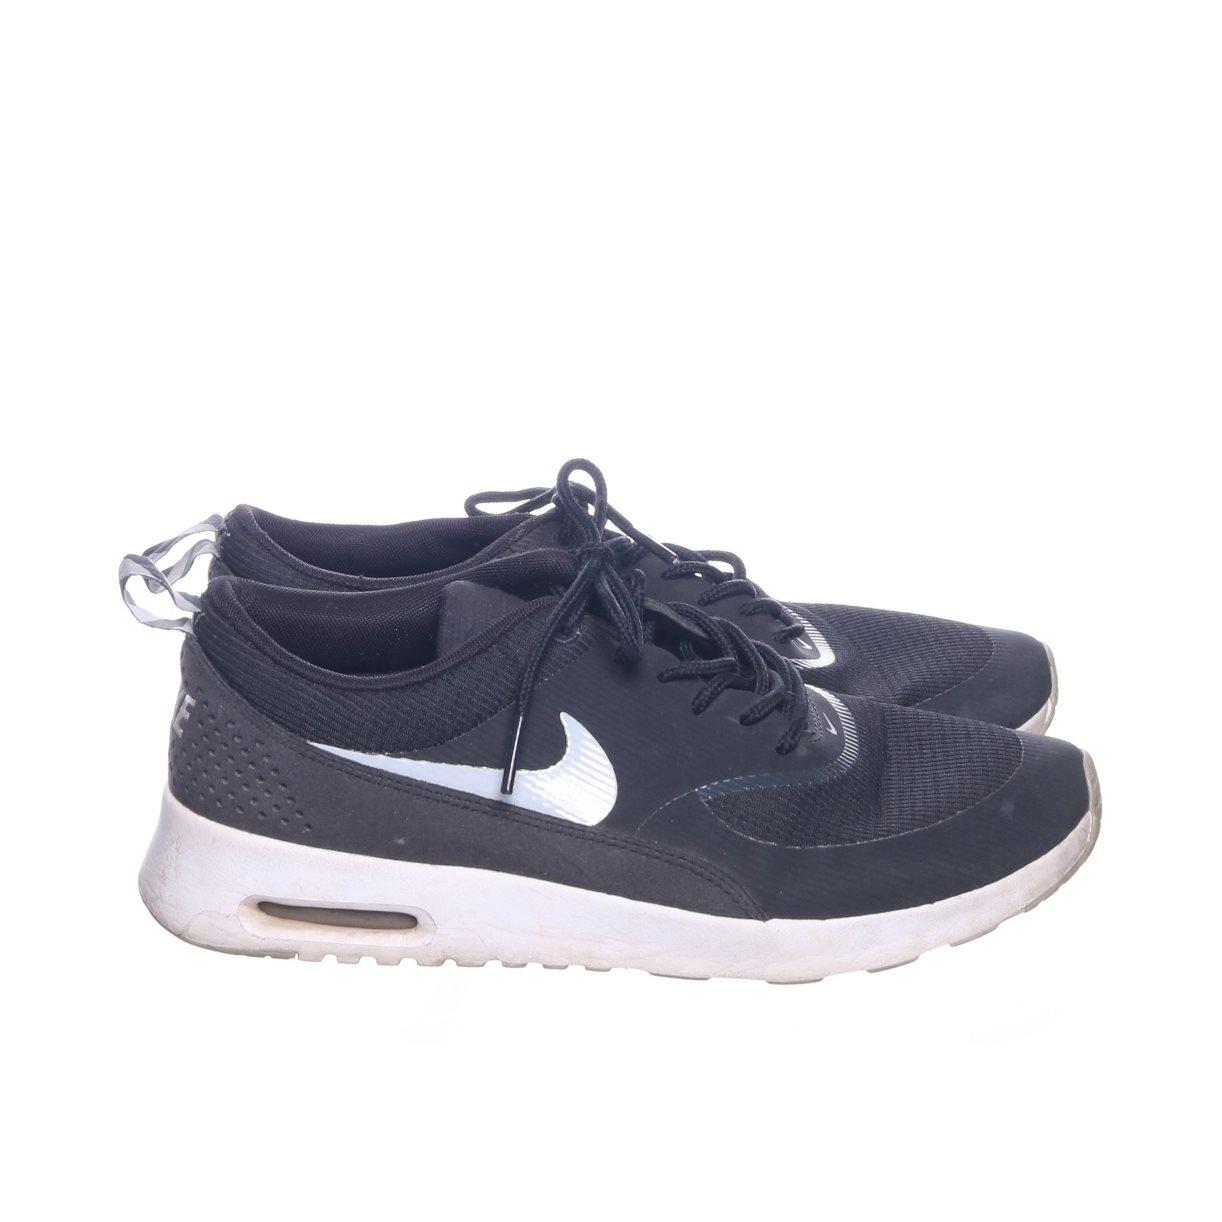 best website a771d 01d0e Nike, Sneakers, Strl  38,5, Air Max Thea, Svart